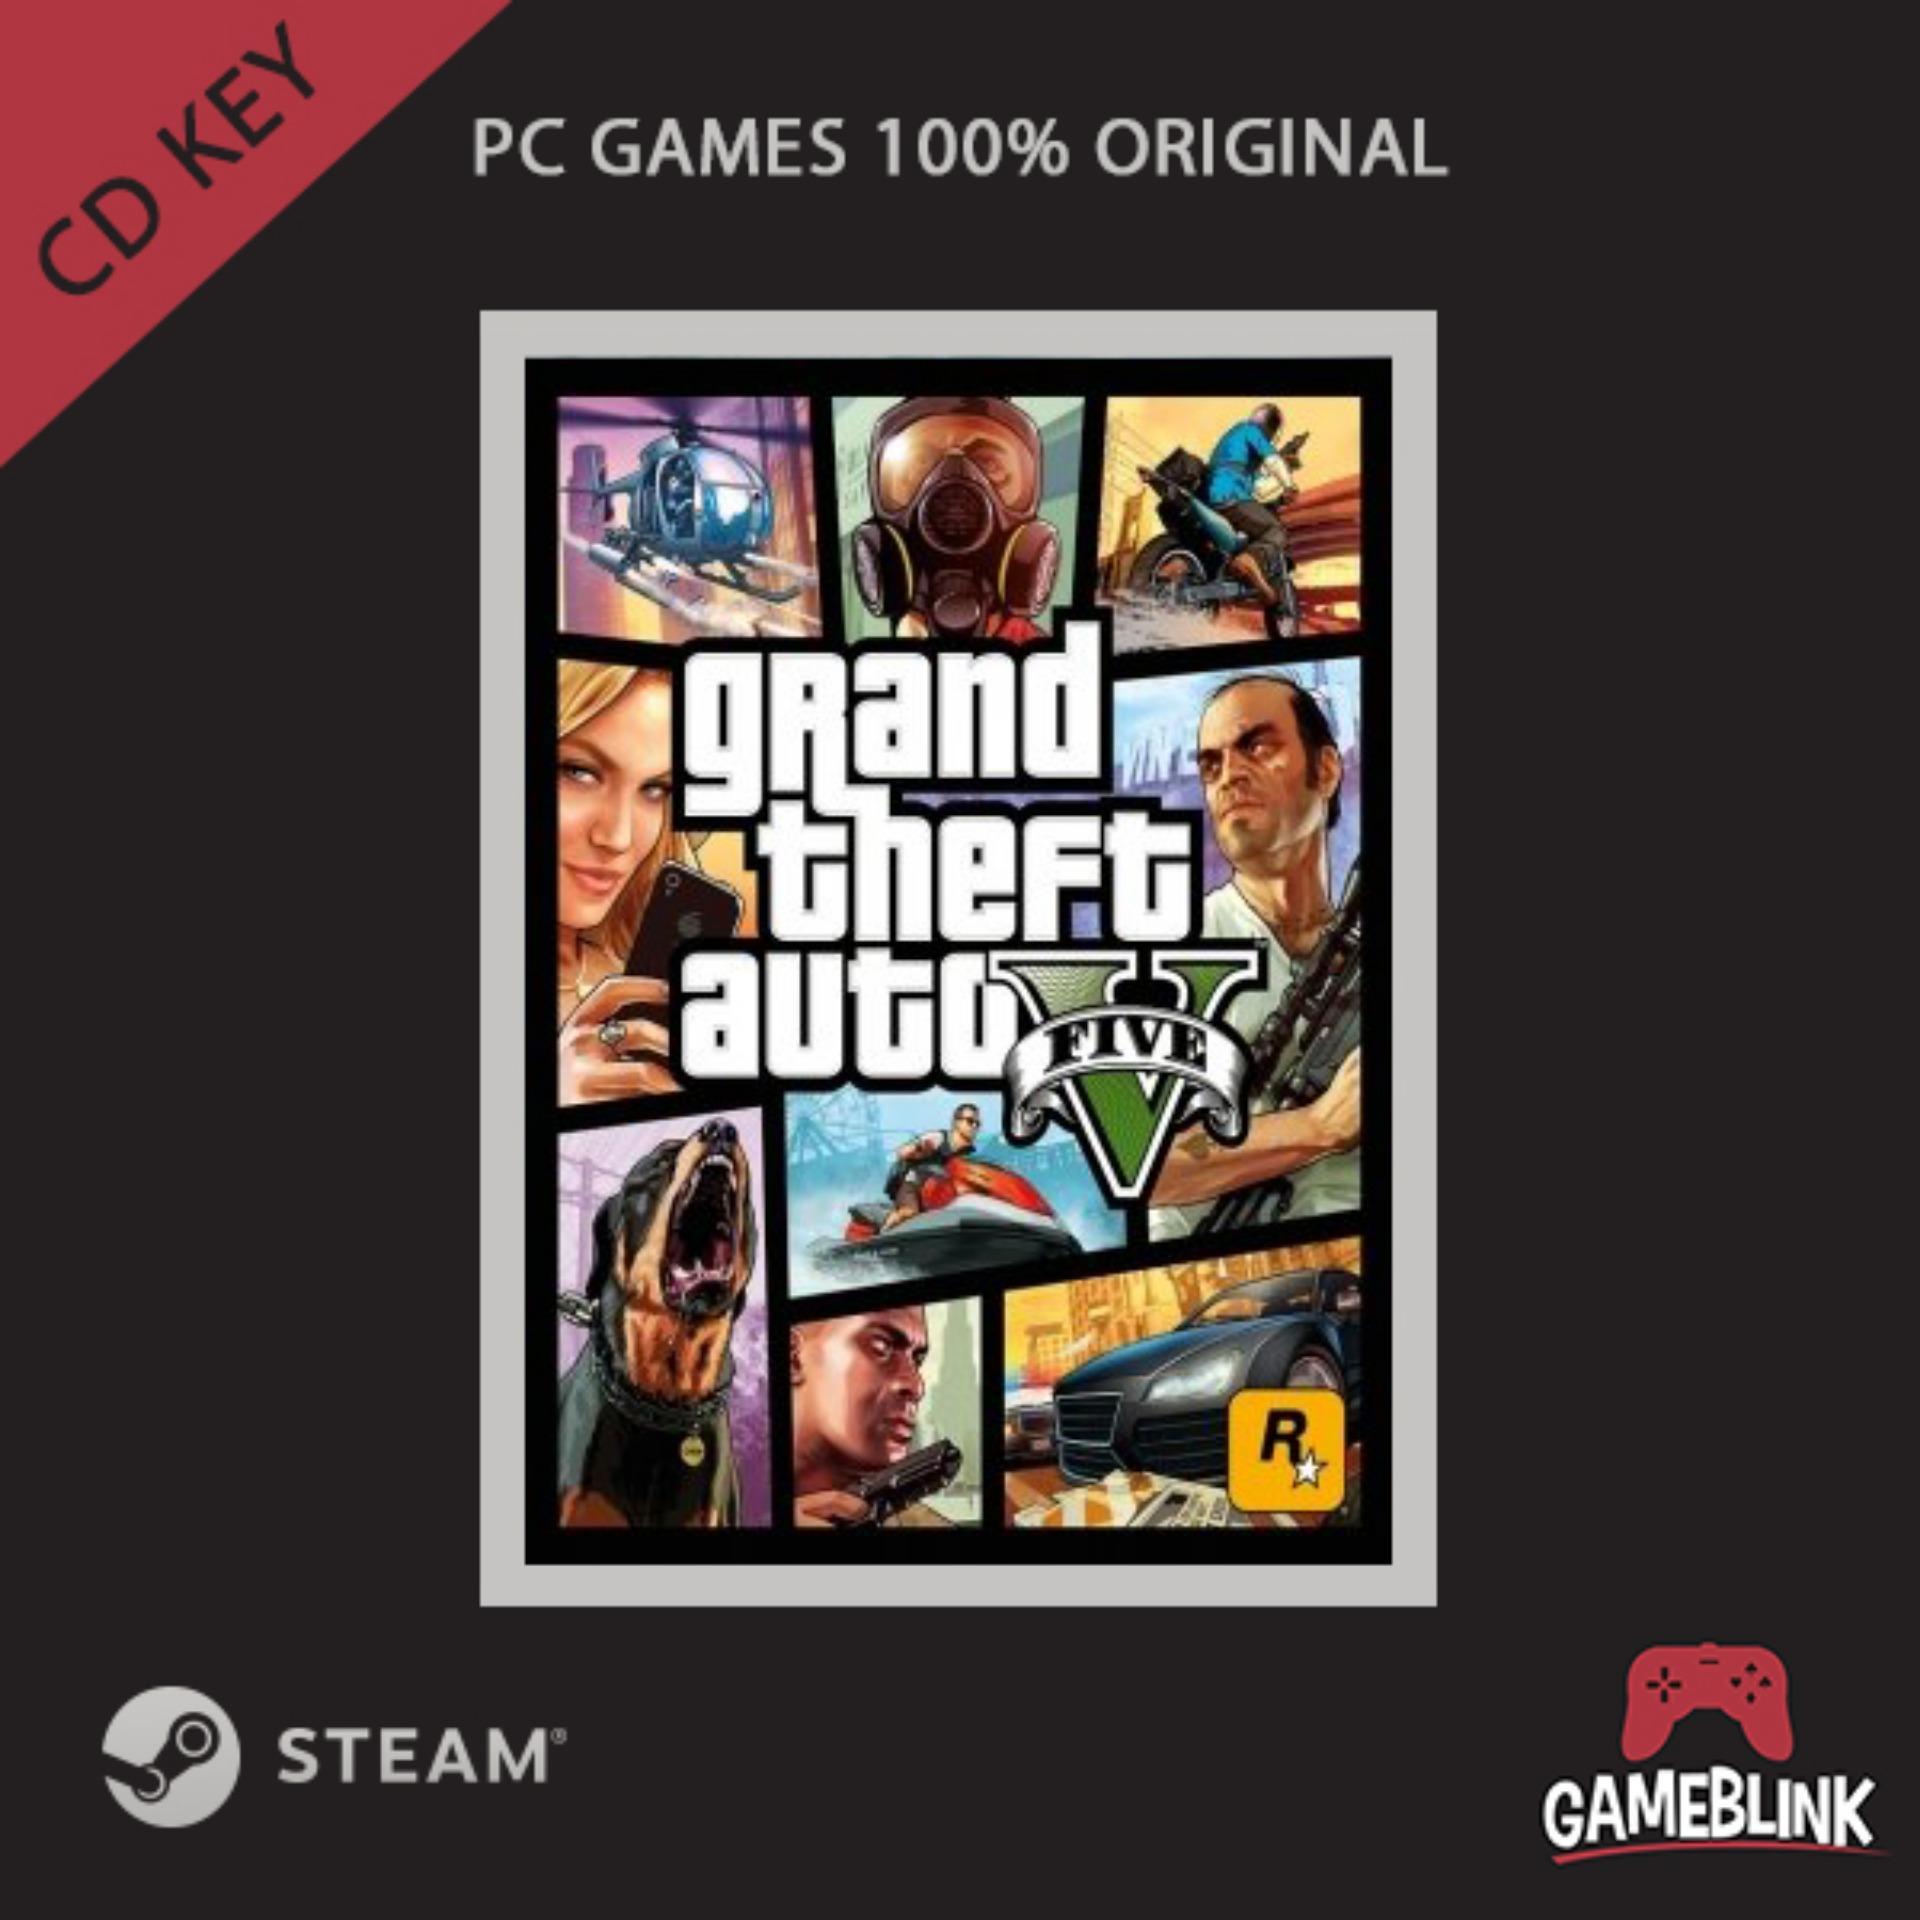 Indomog Steam 60000 Daftar Update Harga Terbaru Dan Terlengkap Voucher Lyto 175000 Game On Gta 5 Grand Theft Auto Cd Key